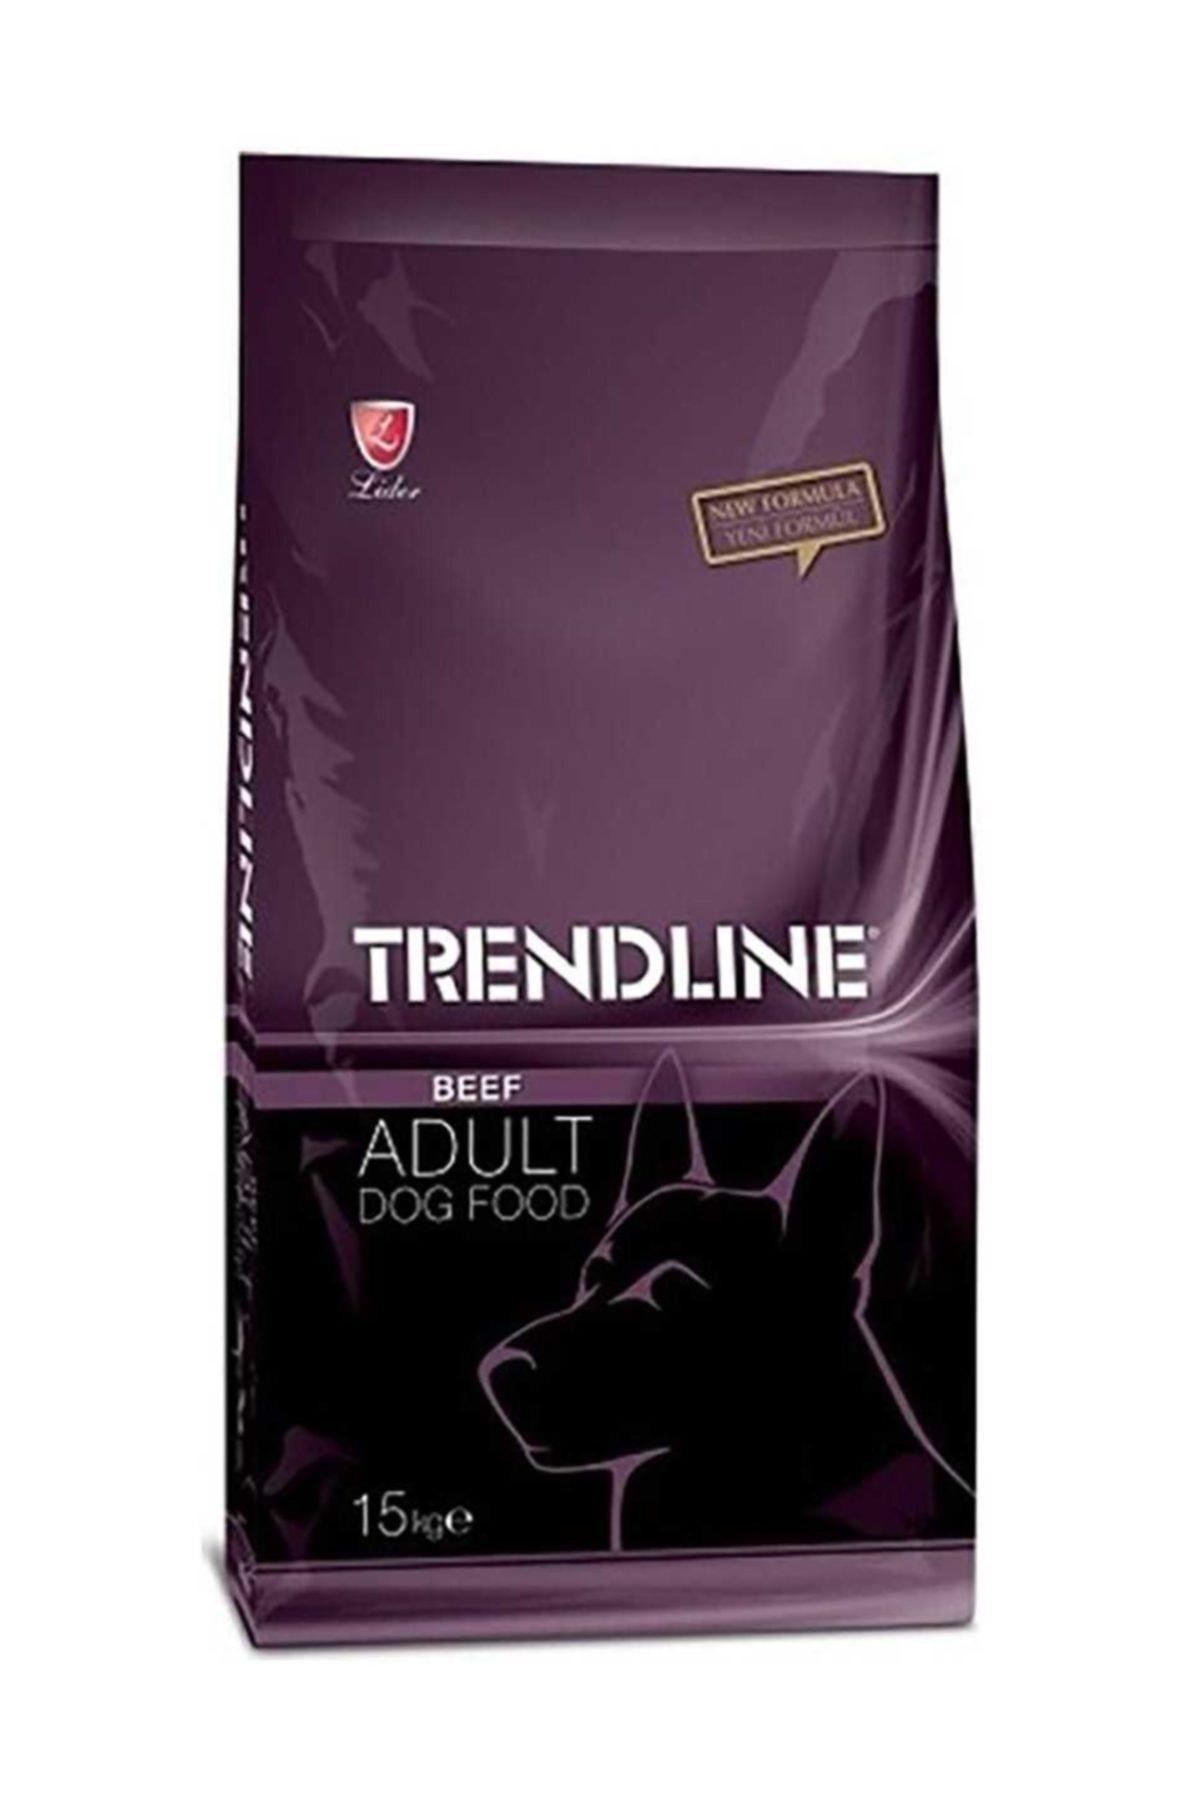 Trendline Biftekli Yetişkin Kuru Köpek Maması - 15 kg 1